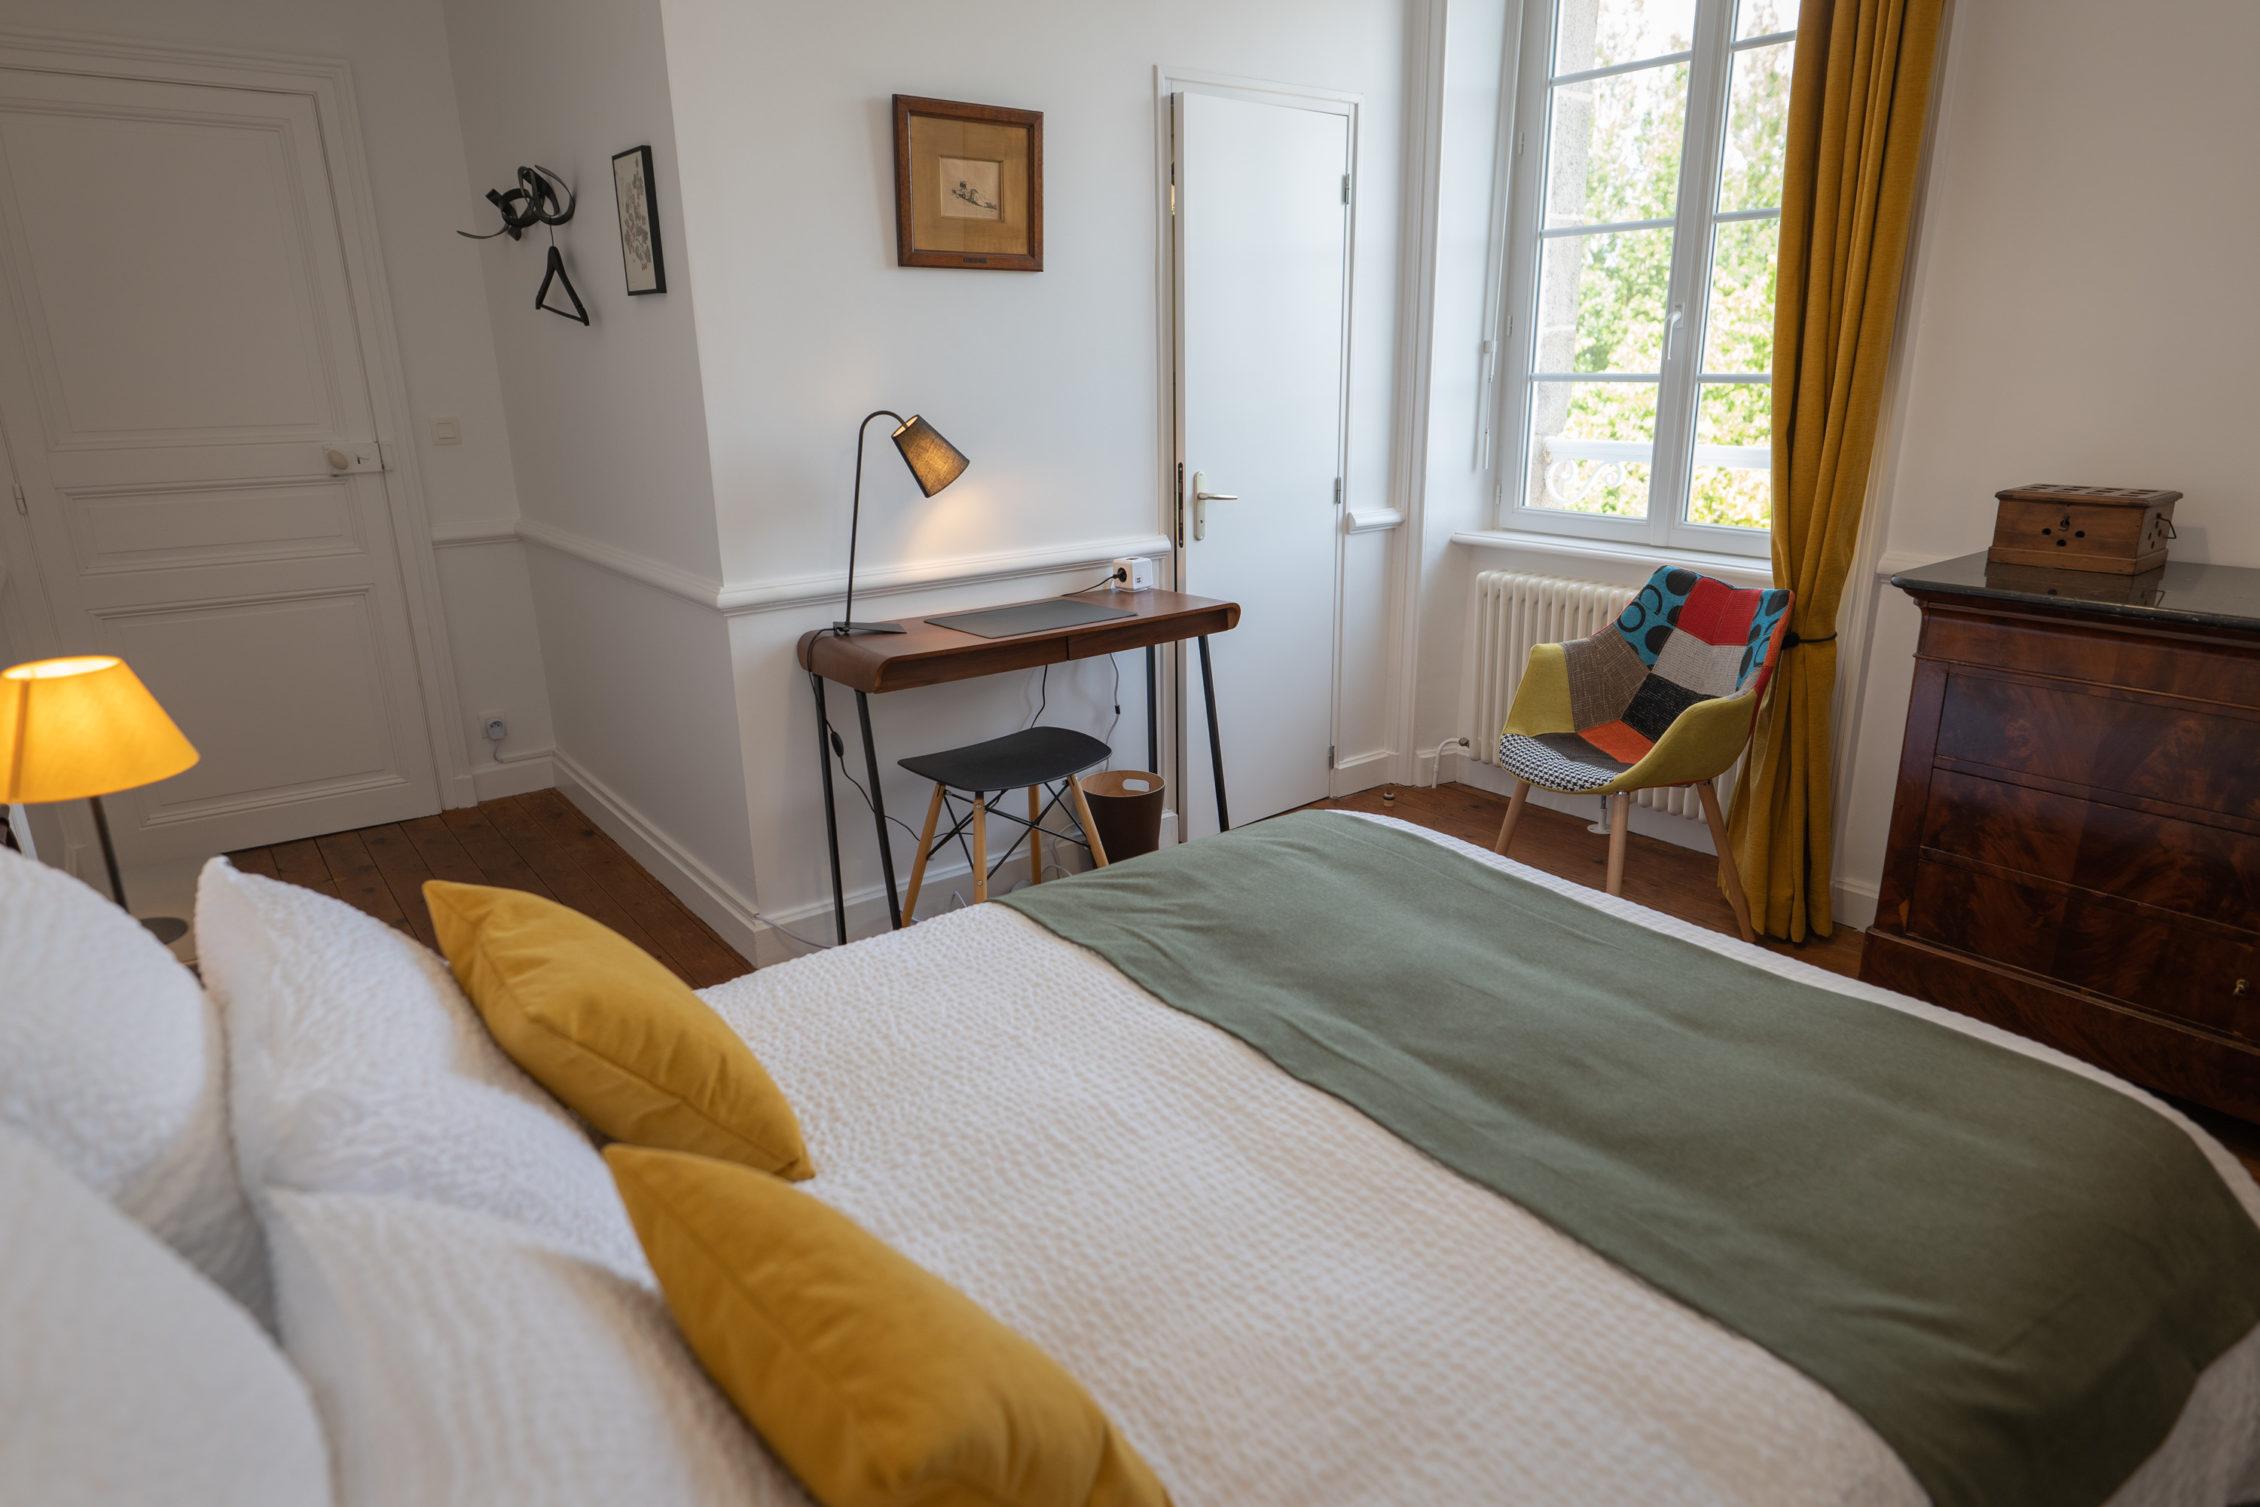 Chambre Crataegus, Kerléon chambres d'hôtes et gîte au Cap Fréhel